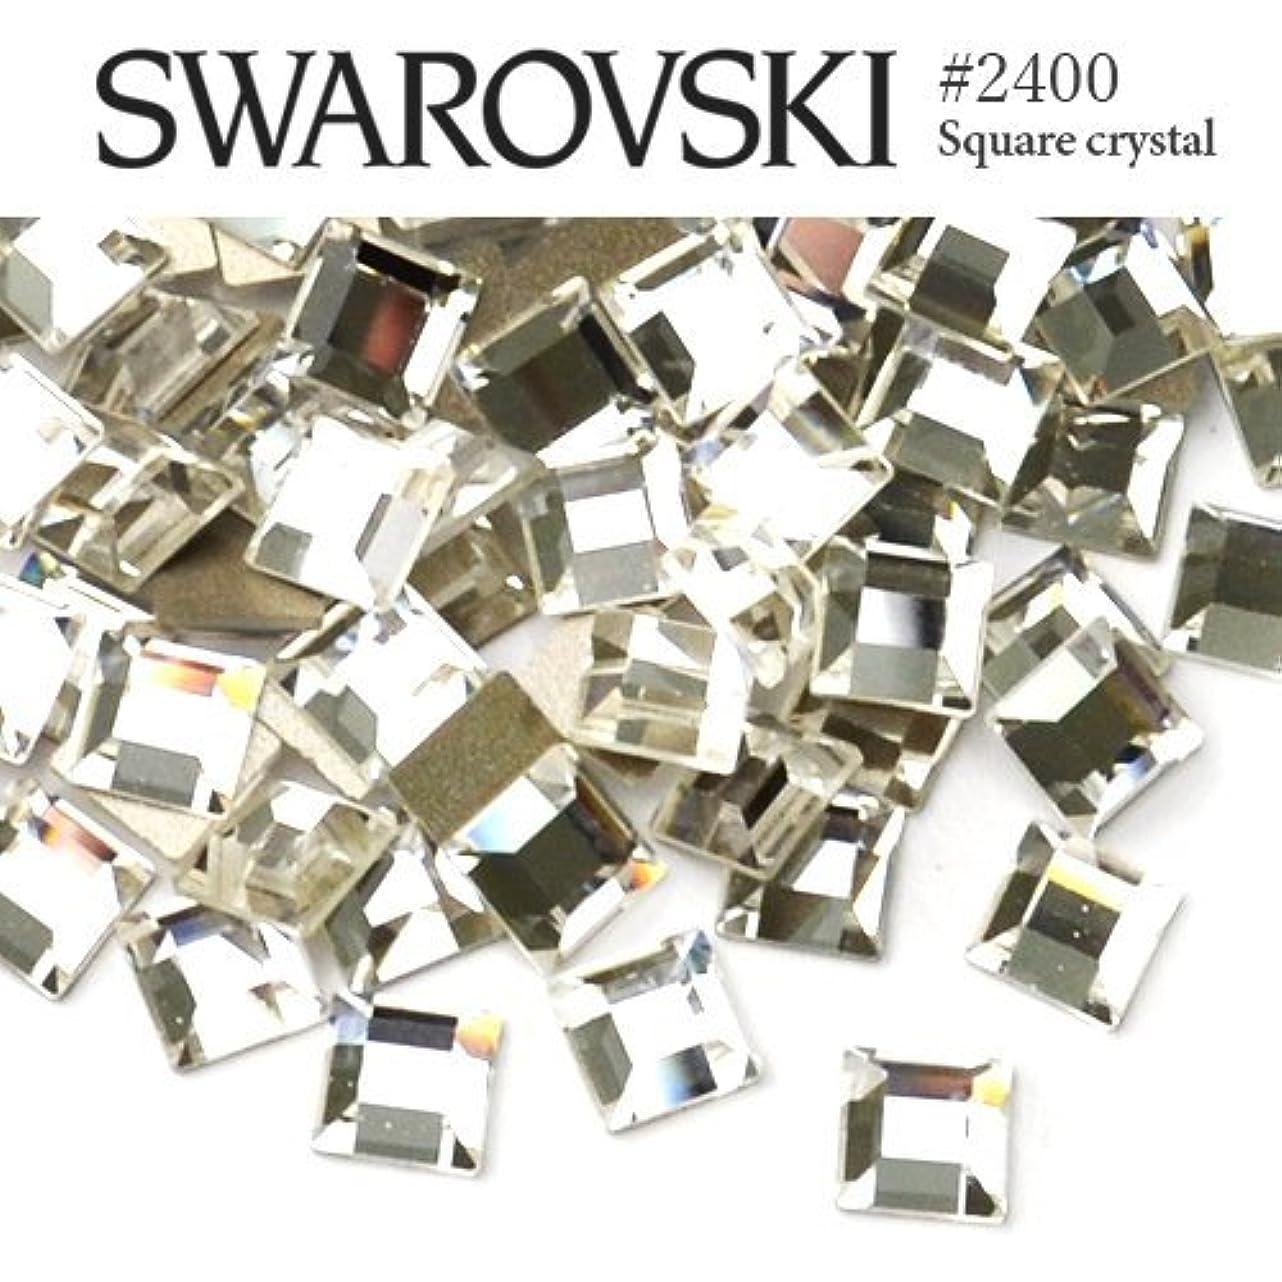 シーボードパリティ十分ではない#2400 スクエア (正方形) [クリスタル] 3mm 20粒入り スワロフスキー ラインストーン